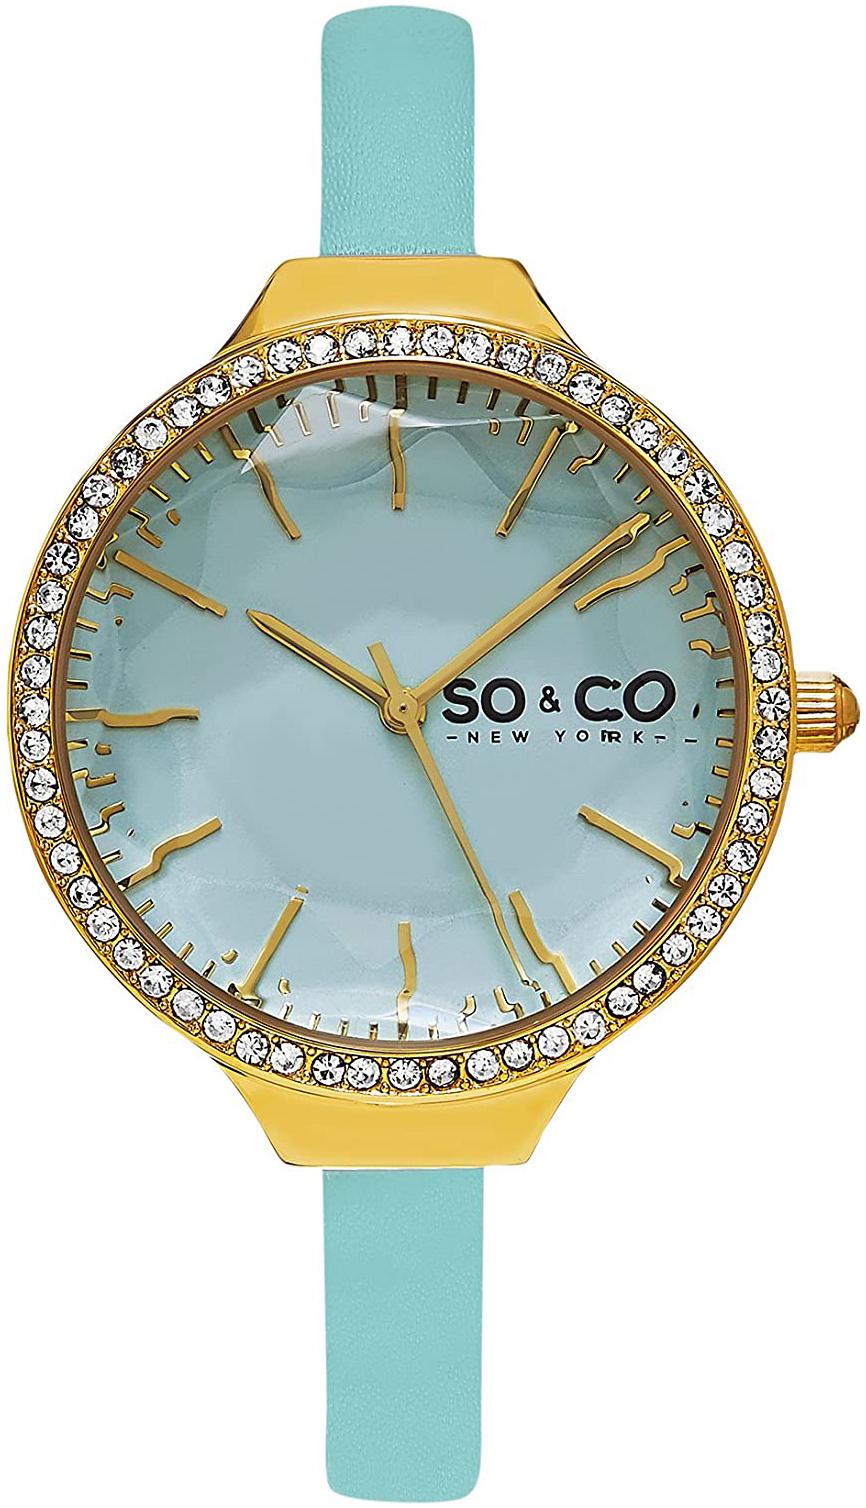 So & Co New York SoHo Damklocka 5261.1 Blå/Läder Ø36 mm - So & Co New York